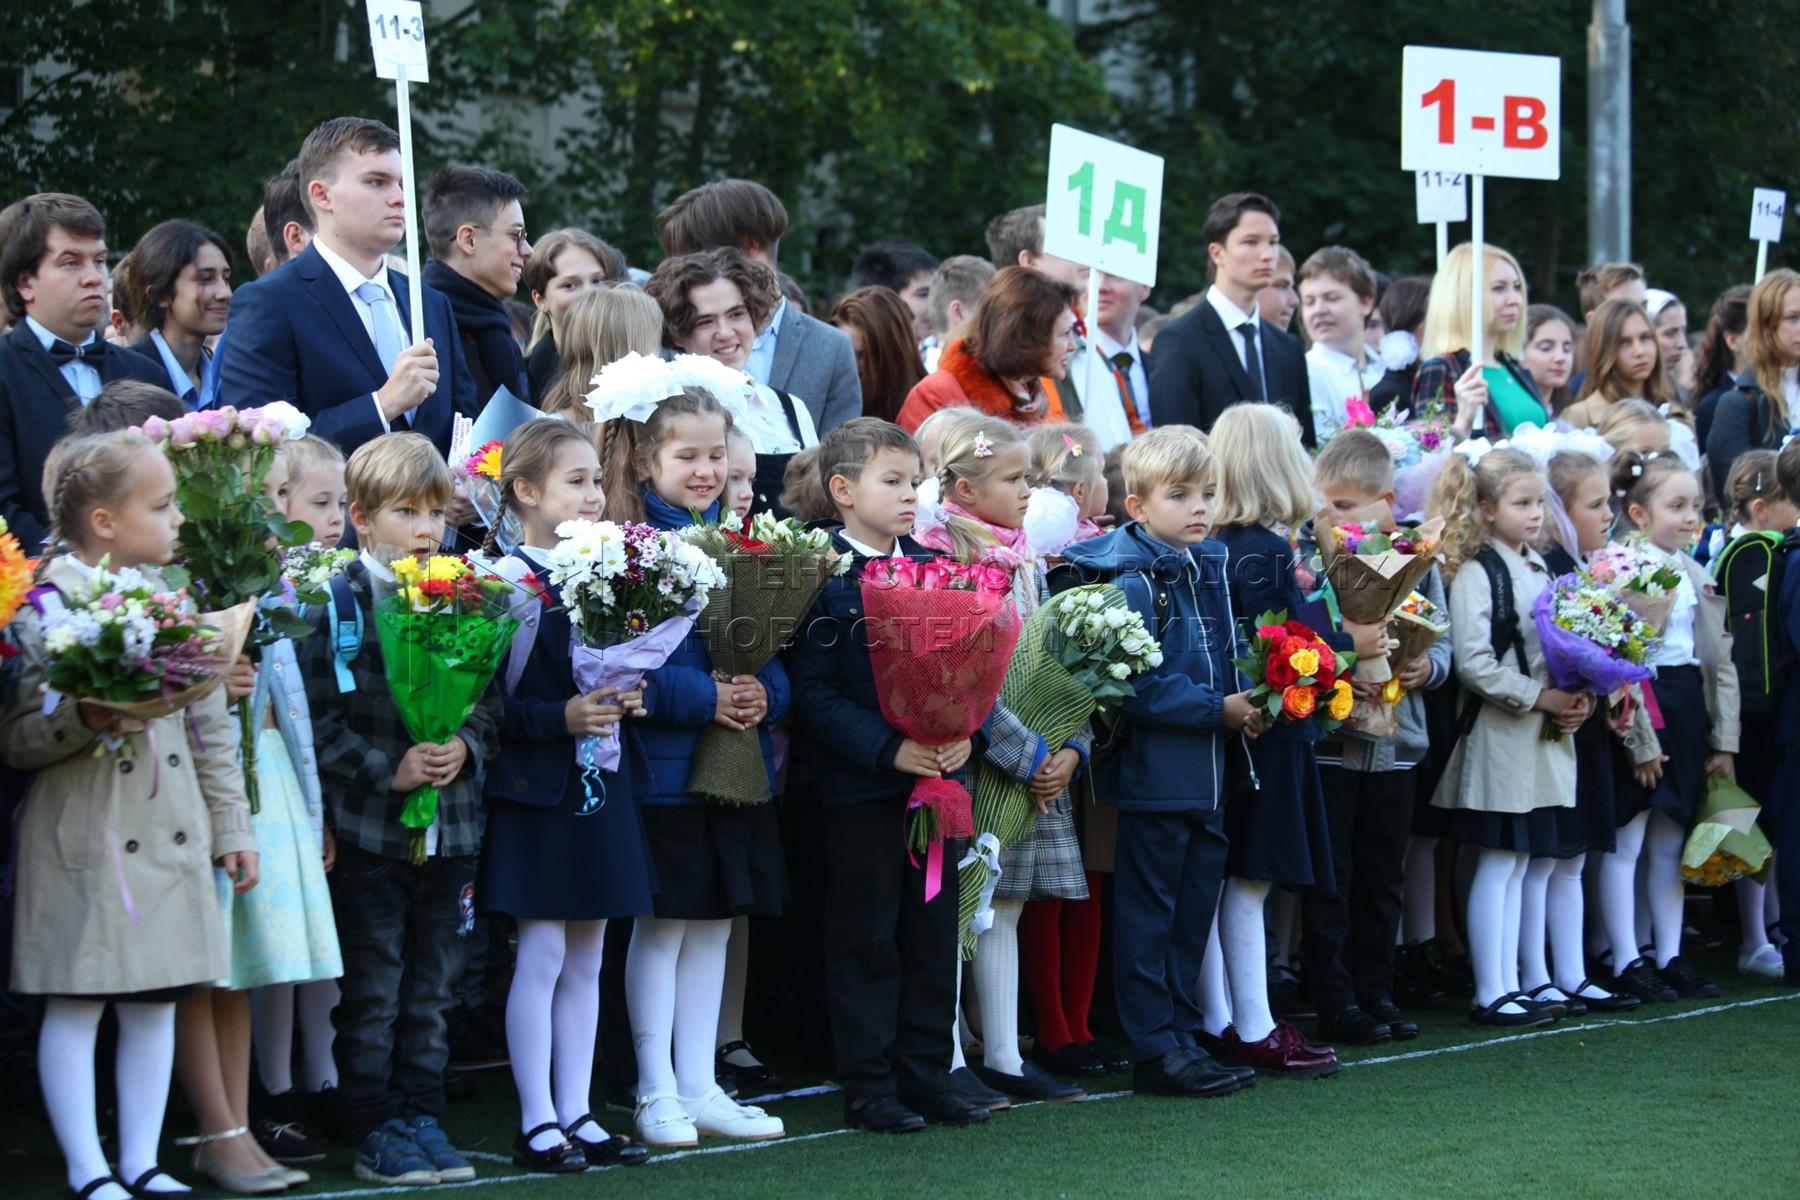 Автор: Ведяшкин Сергей. День знаний в школах Москвы